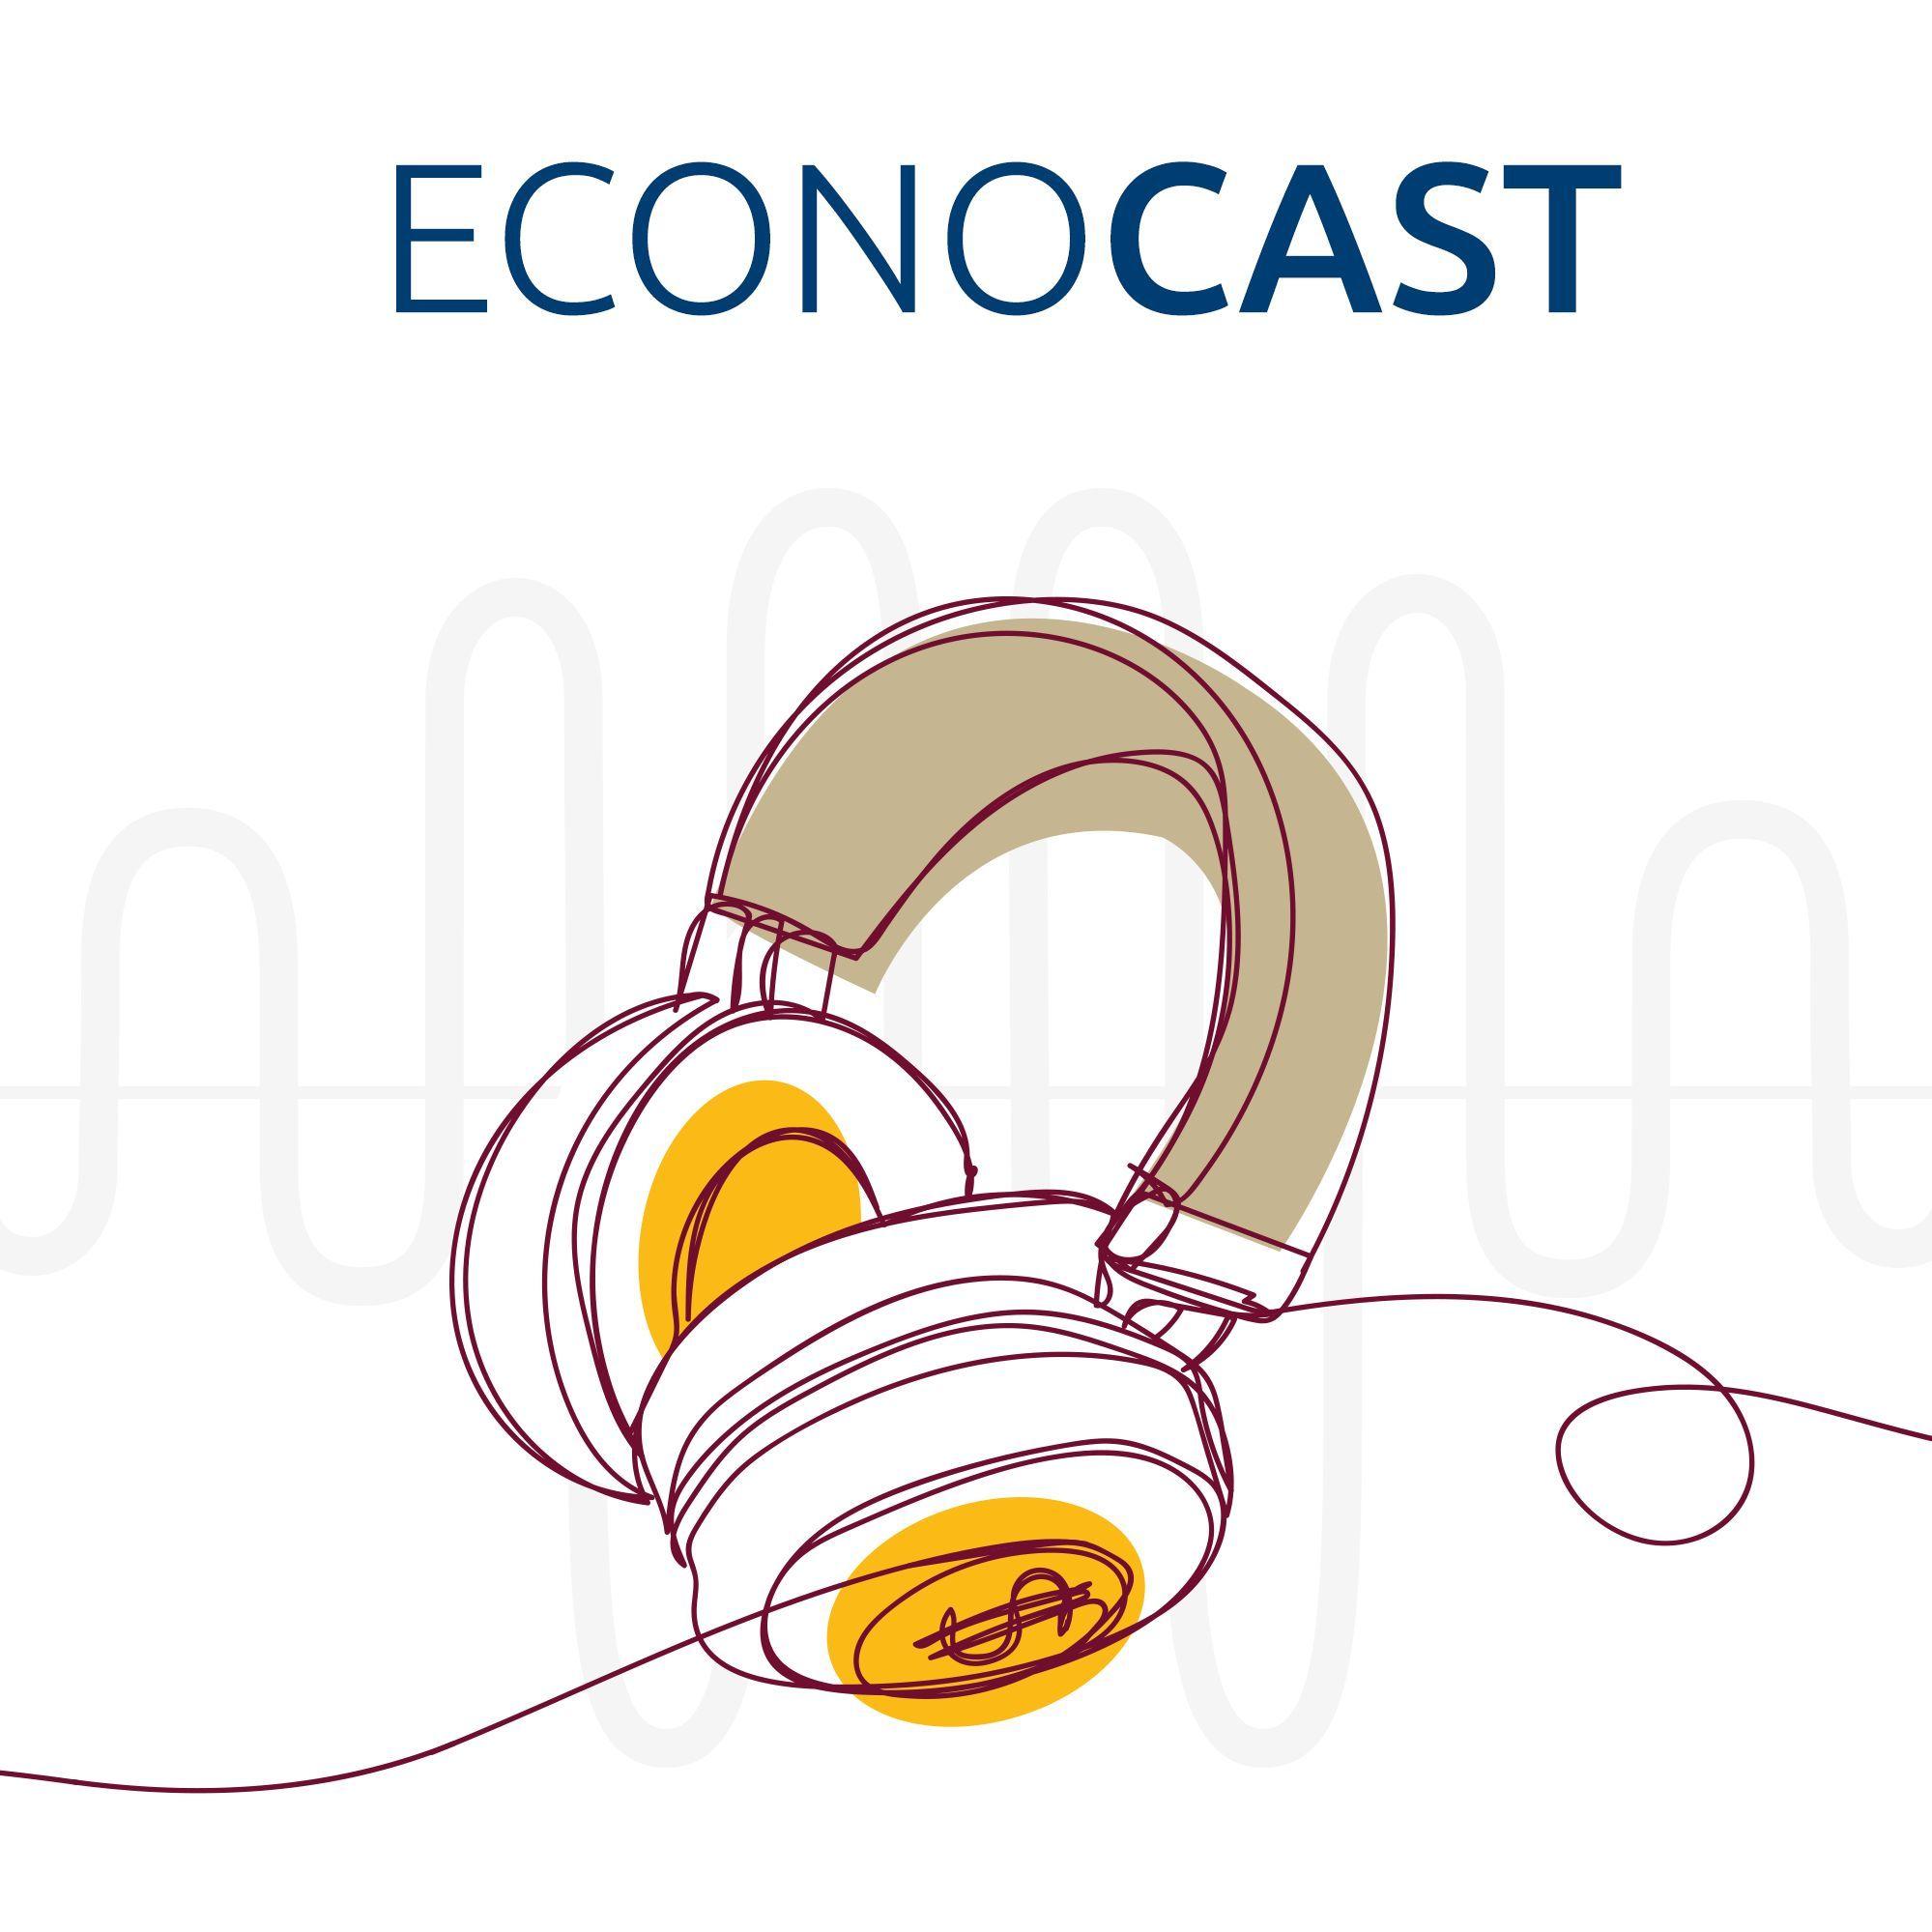 Econocast - EP 01